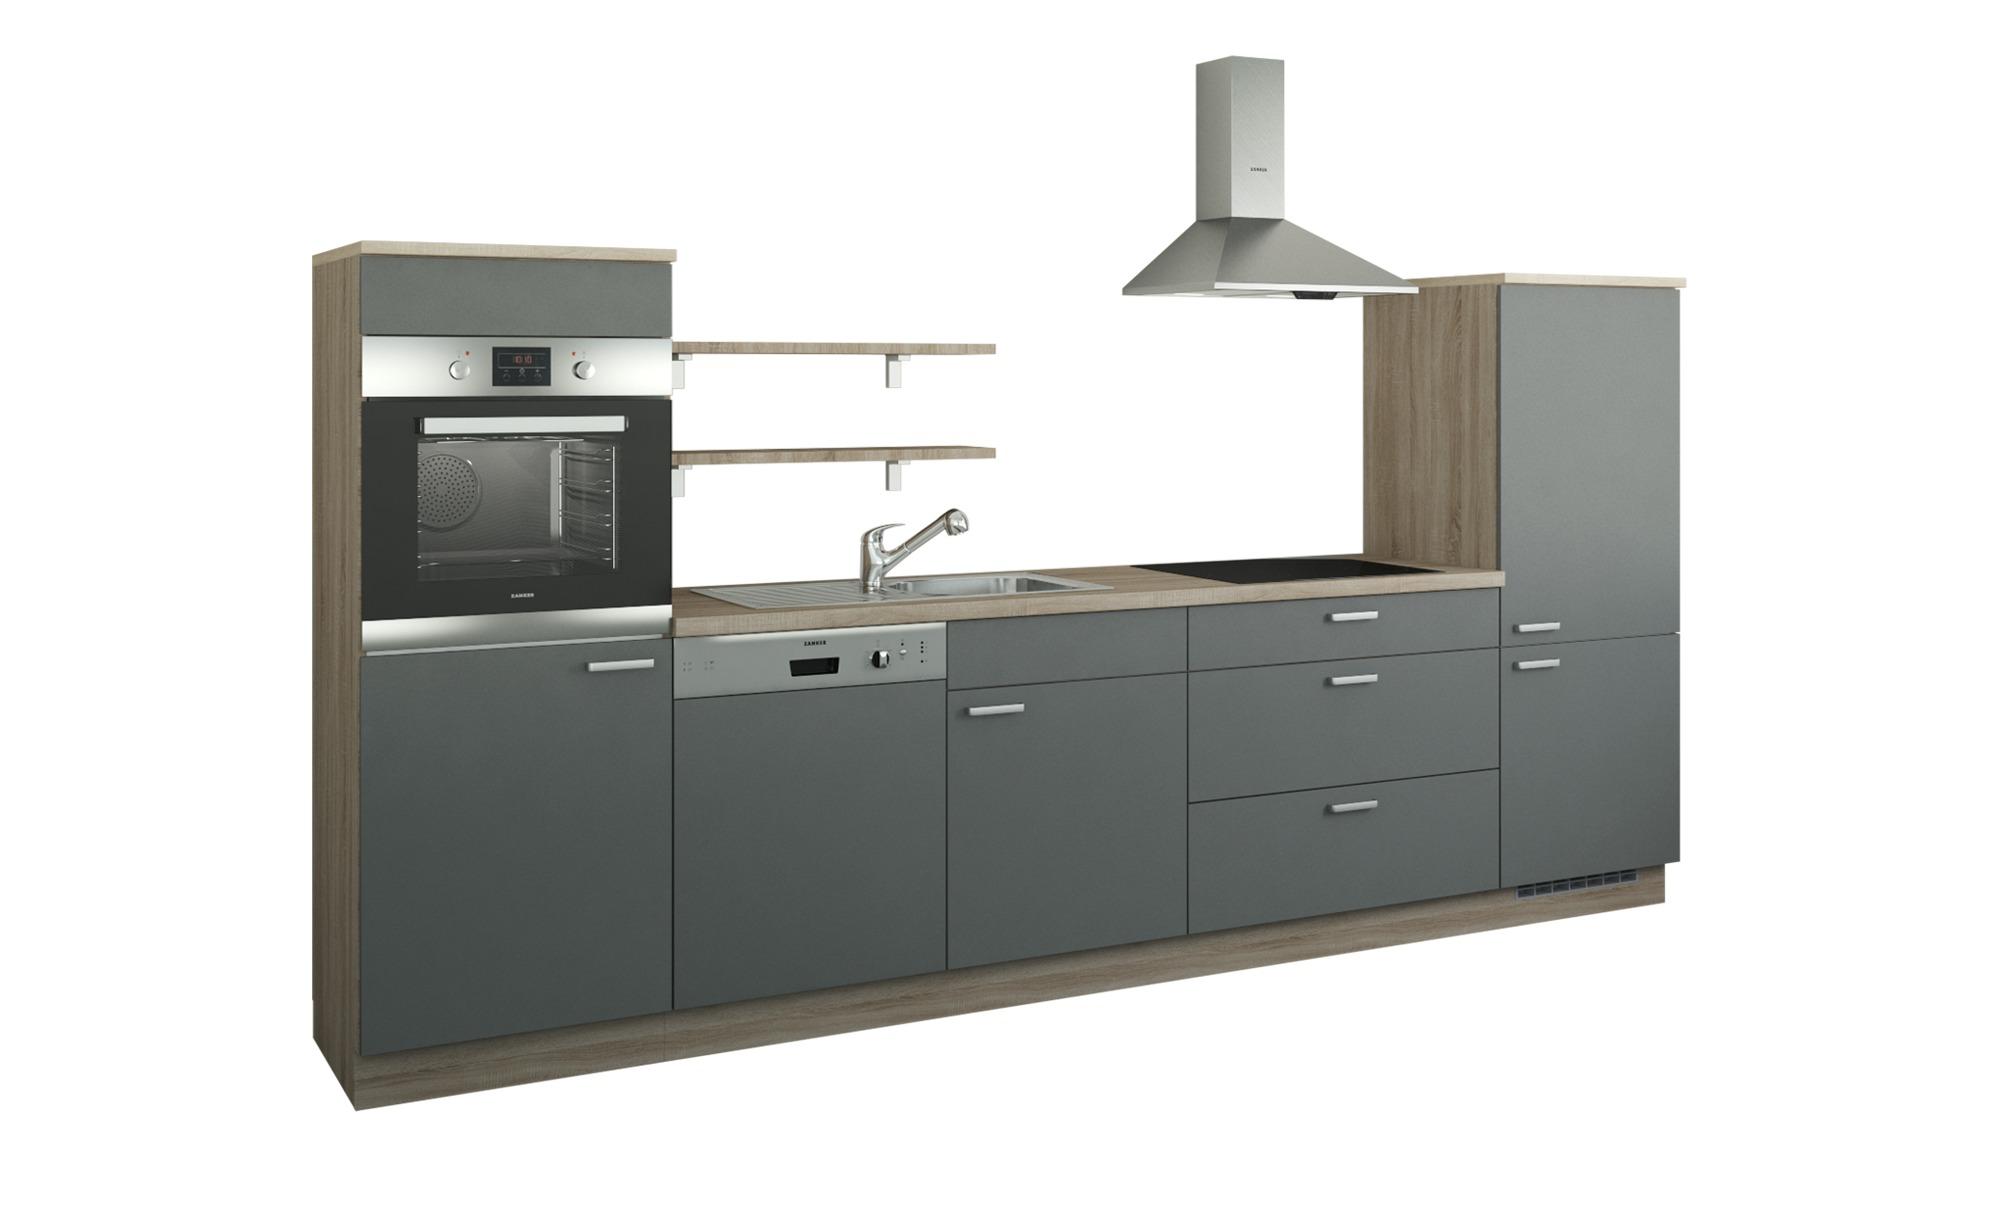 Küchenzeile ohne Elektrogeräte  Kassel ¦ Maße (cm): B: 330 Küchen > Küchenblöcke ohne E-Geräte - Höffner